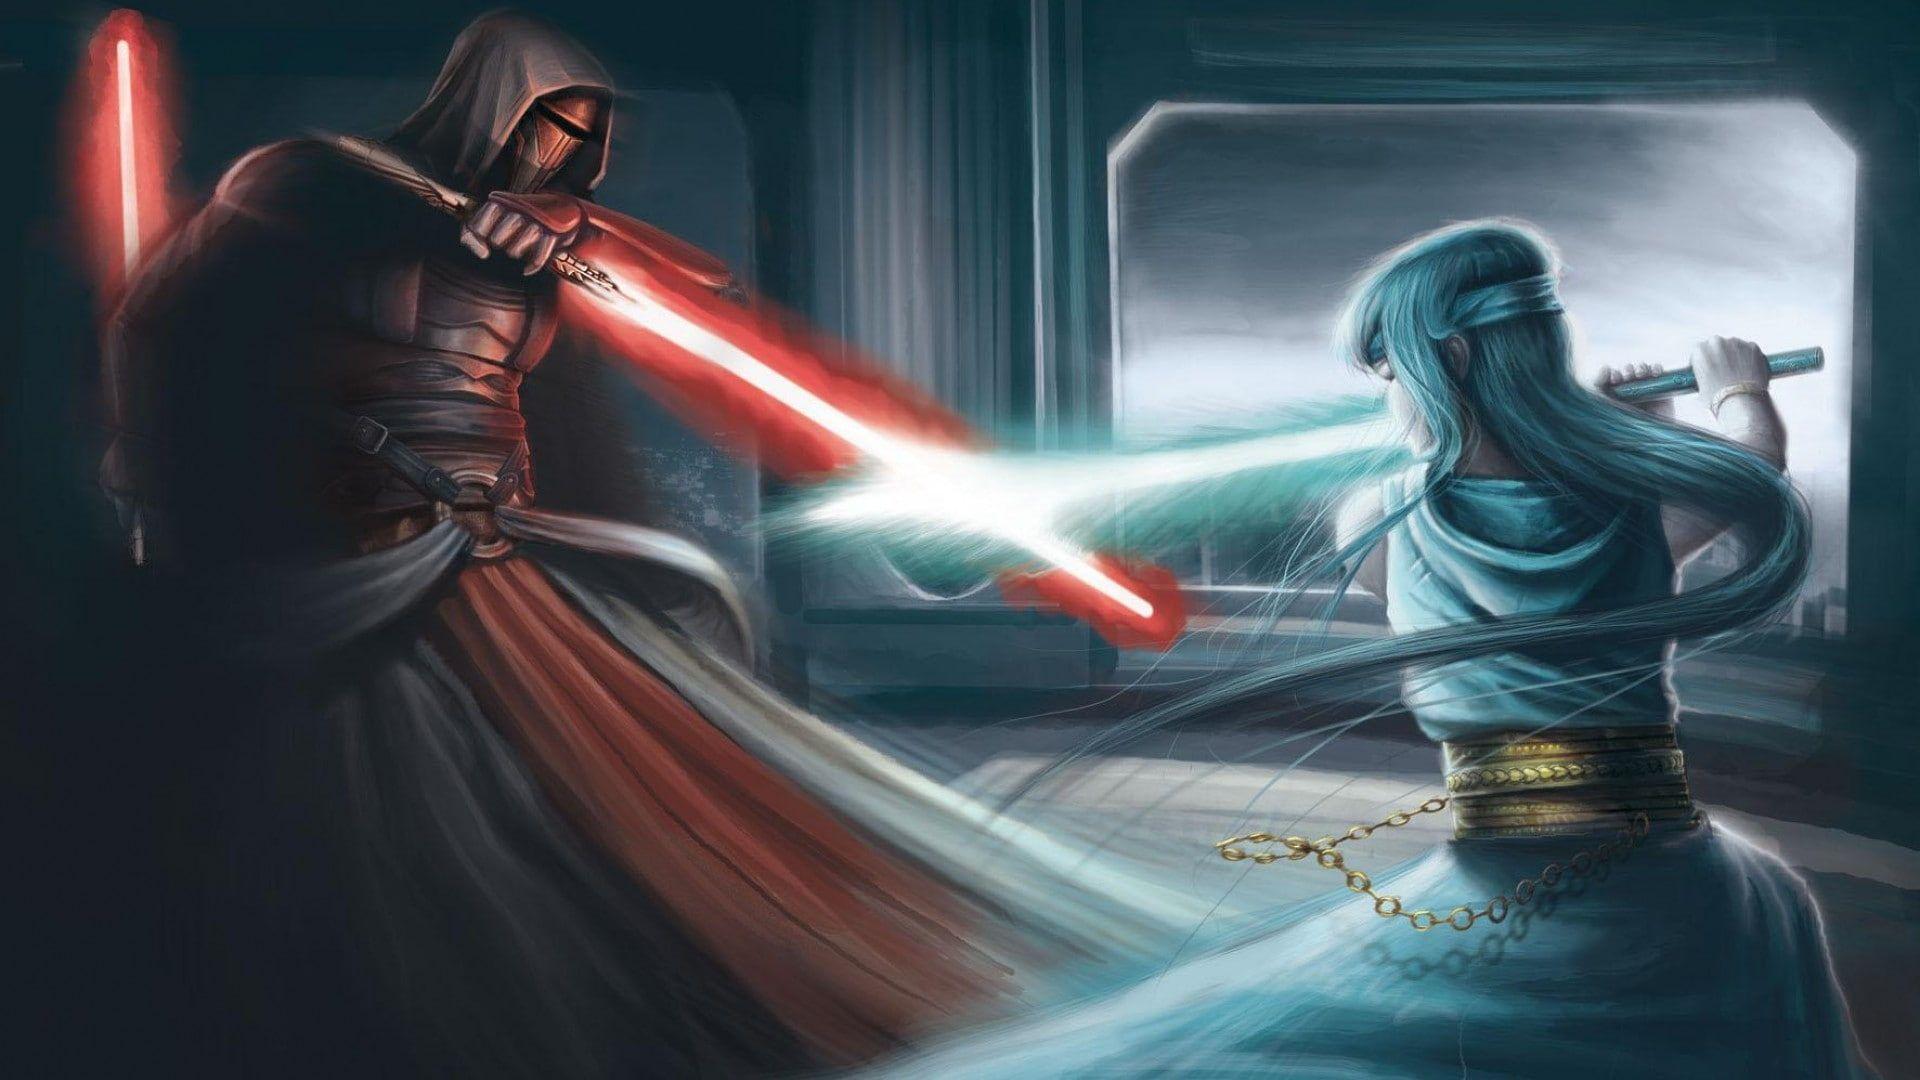 Darth Revan Fighting Lightsaber Star Wars Star Wars Knights Of